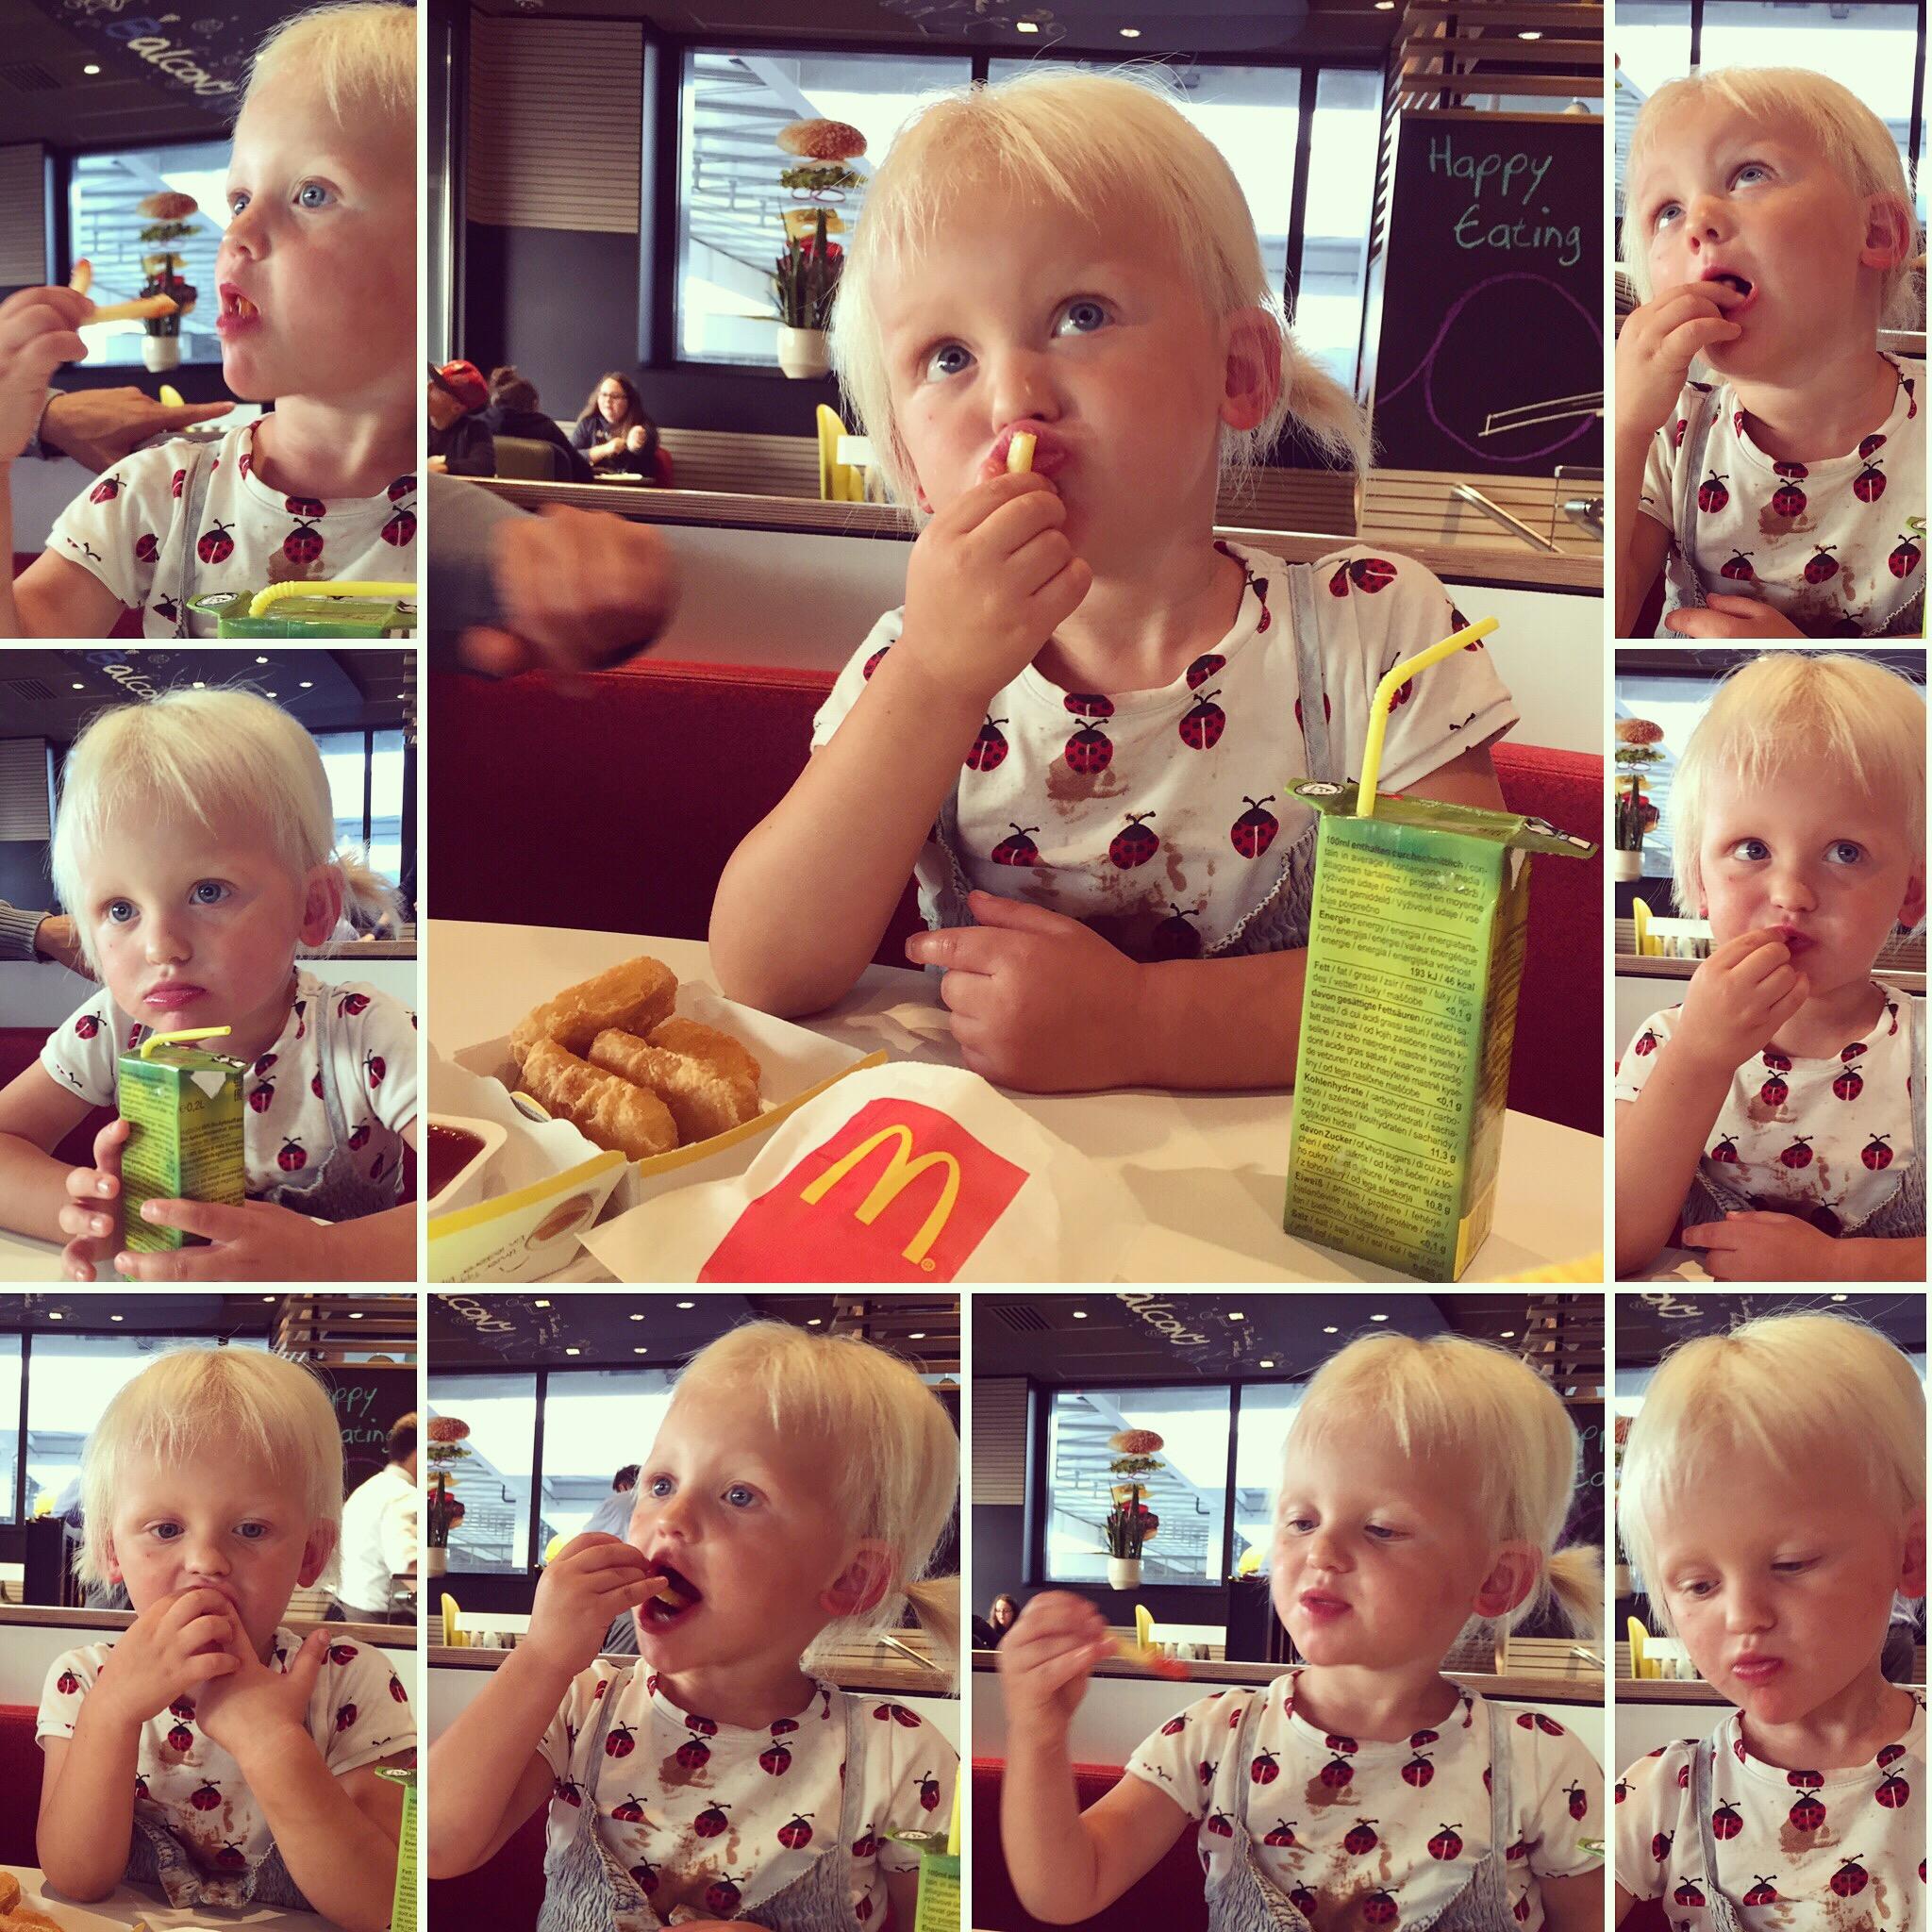 We eindigen onze dag bij de McDonalds